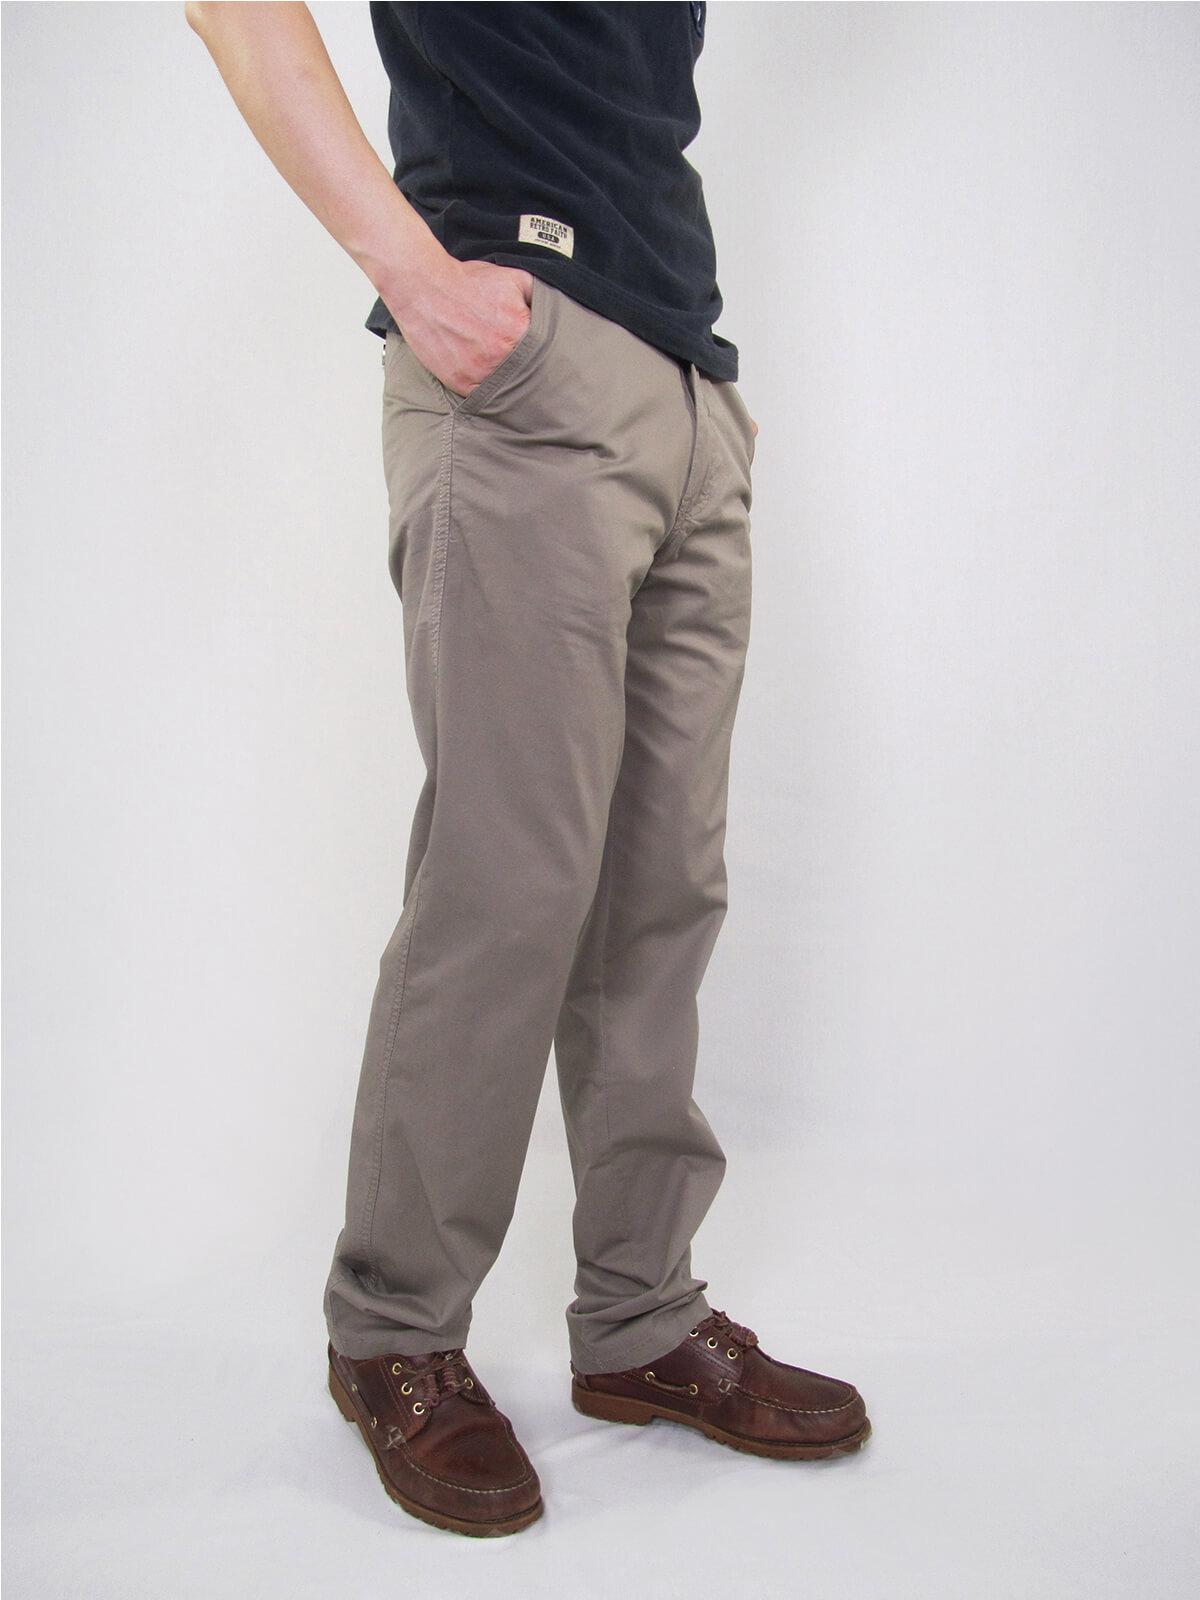 加大尺碼精梳棉平面休閒長褲 大尺寸顯瘦彈性長褲 時尚卡其長褲 PANTS (327-8106-01)銀灰色、(327-8106-02)卡其色 L XL 2L 3L 4L 5L (腰圍30~40英吋) [實體店面保障] sun-e 1